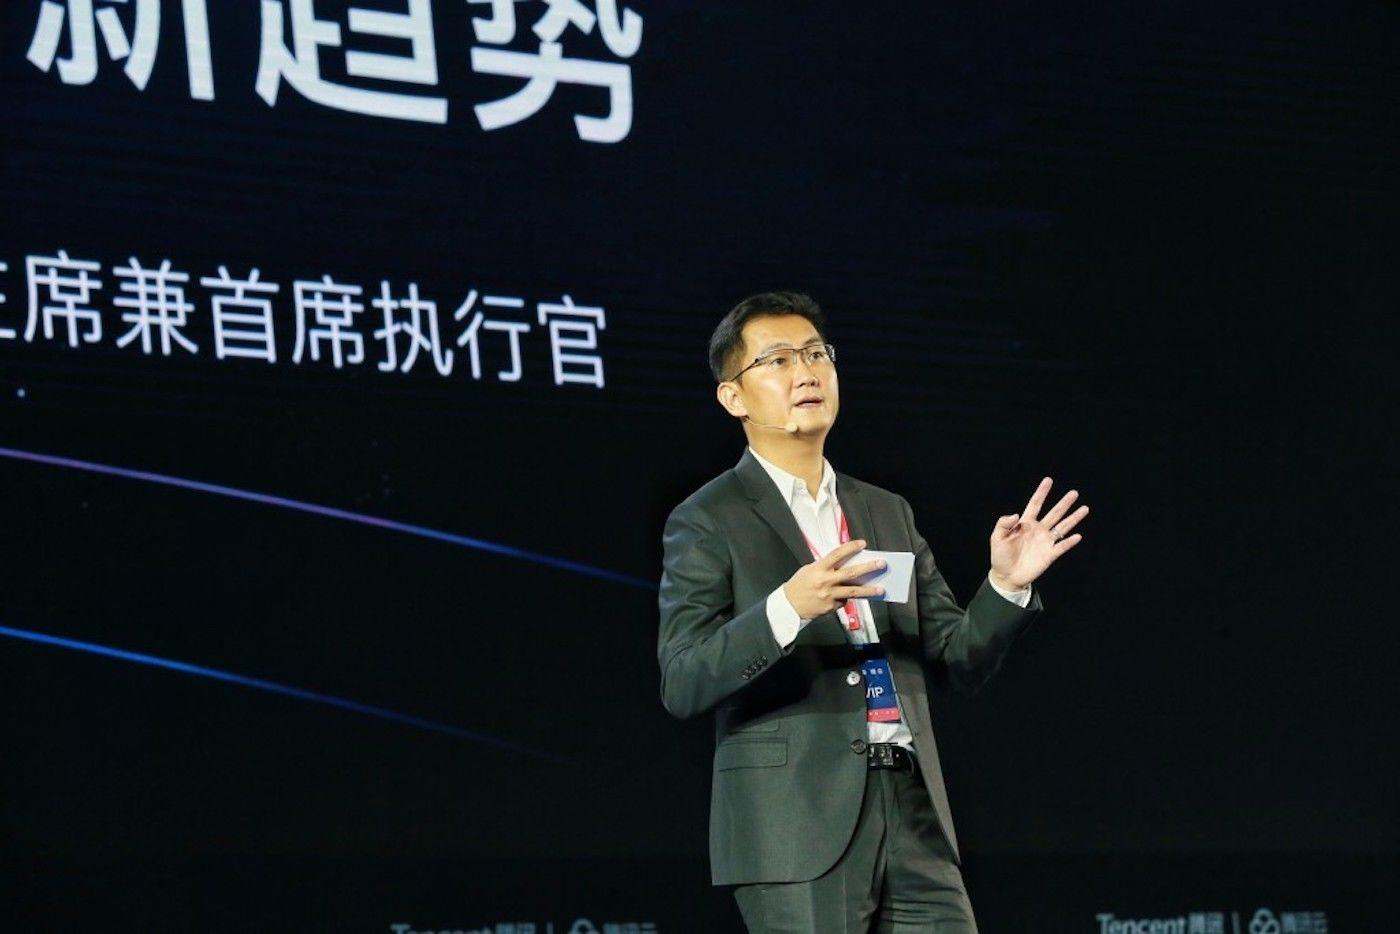 马化腾第三次站台,腾讯云终于发布了「智能云」